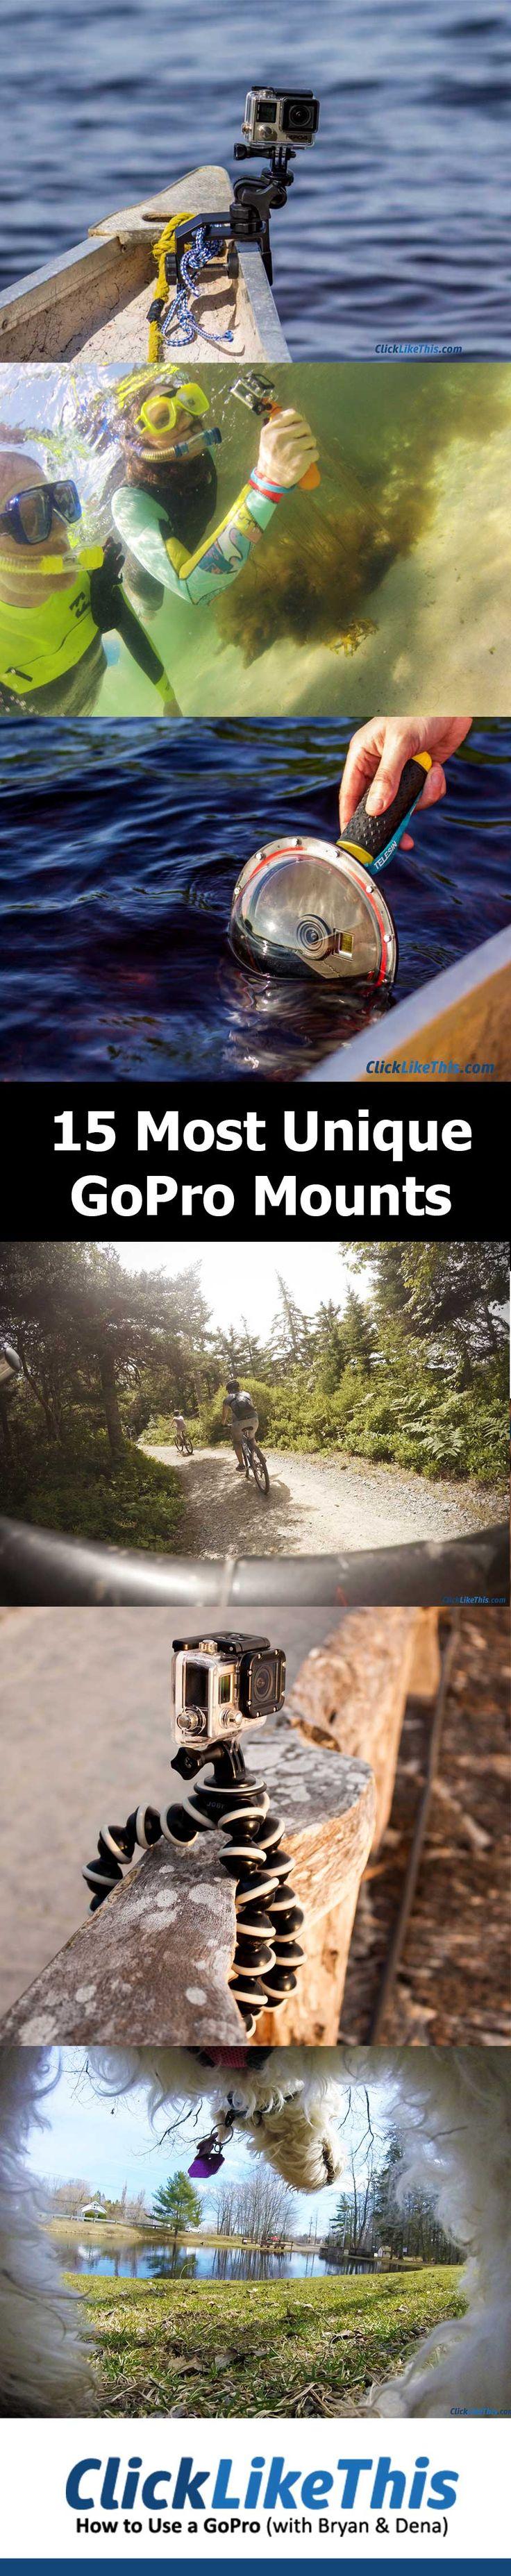 Best unique GoPro mounts